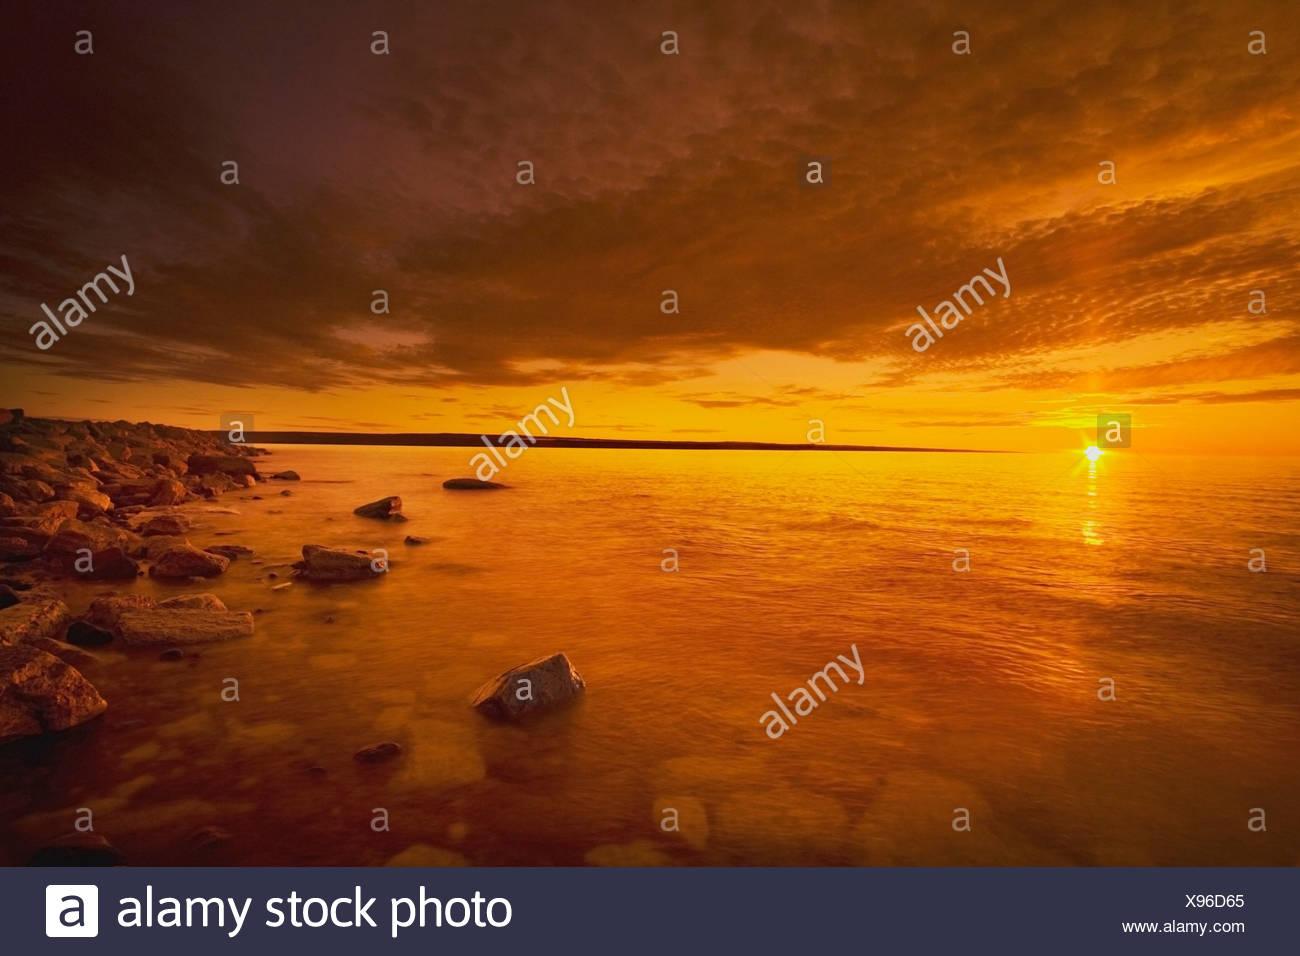 Northwest Territories, Canada; Coastline Of The Arctic Ocean At Sunset - Stock Image